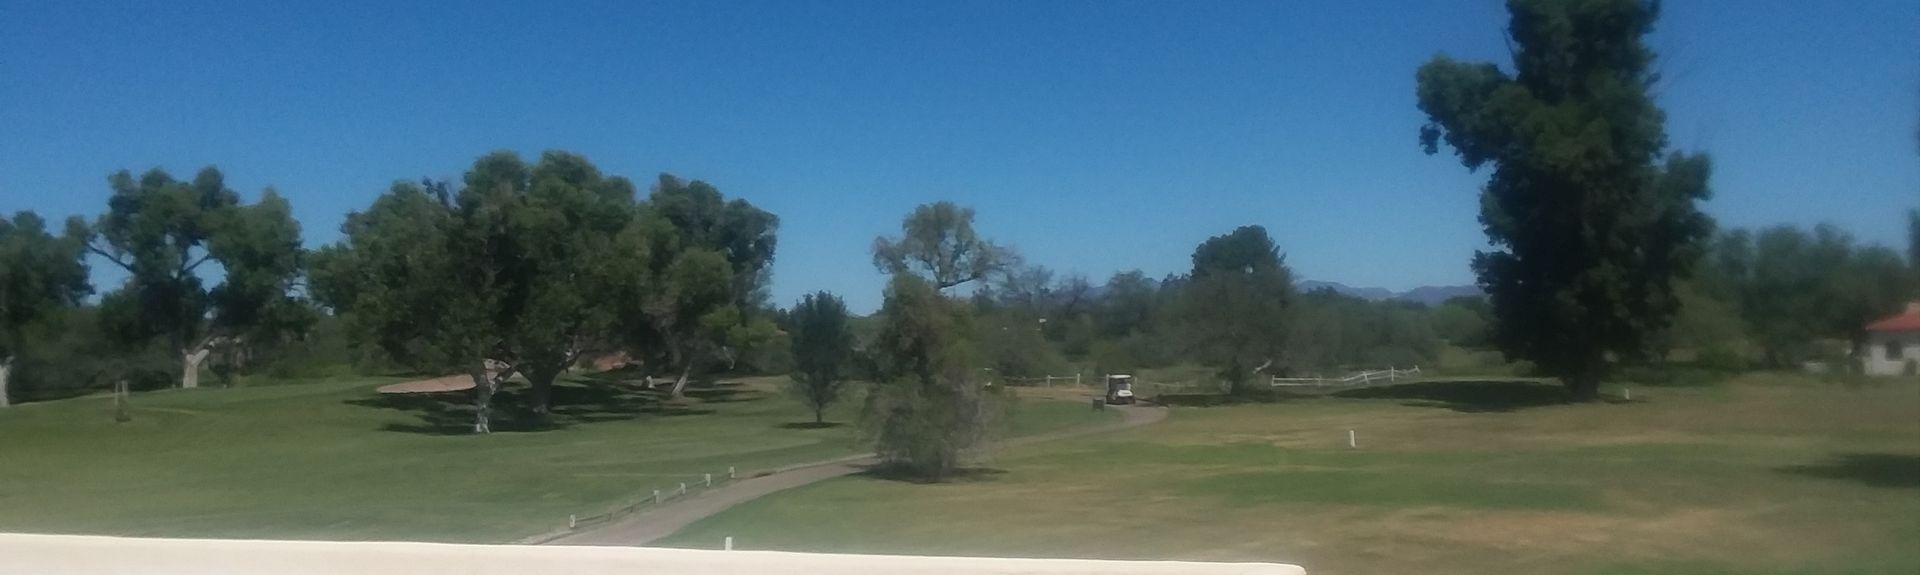 Parcours de golf Haven, Green Valley, Arizona, États-Unis d'Amérique